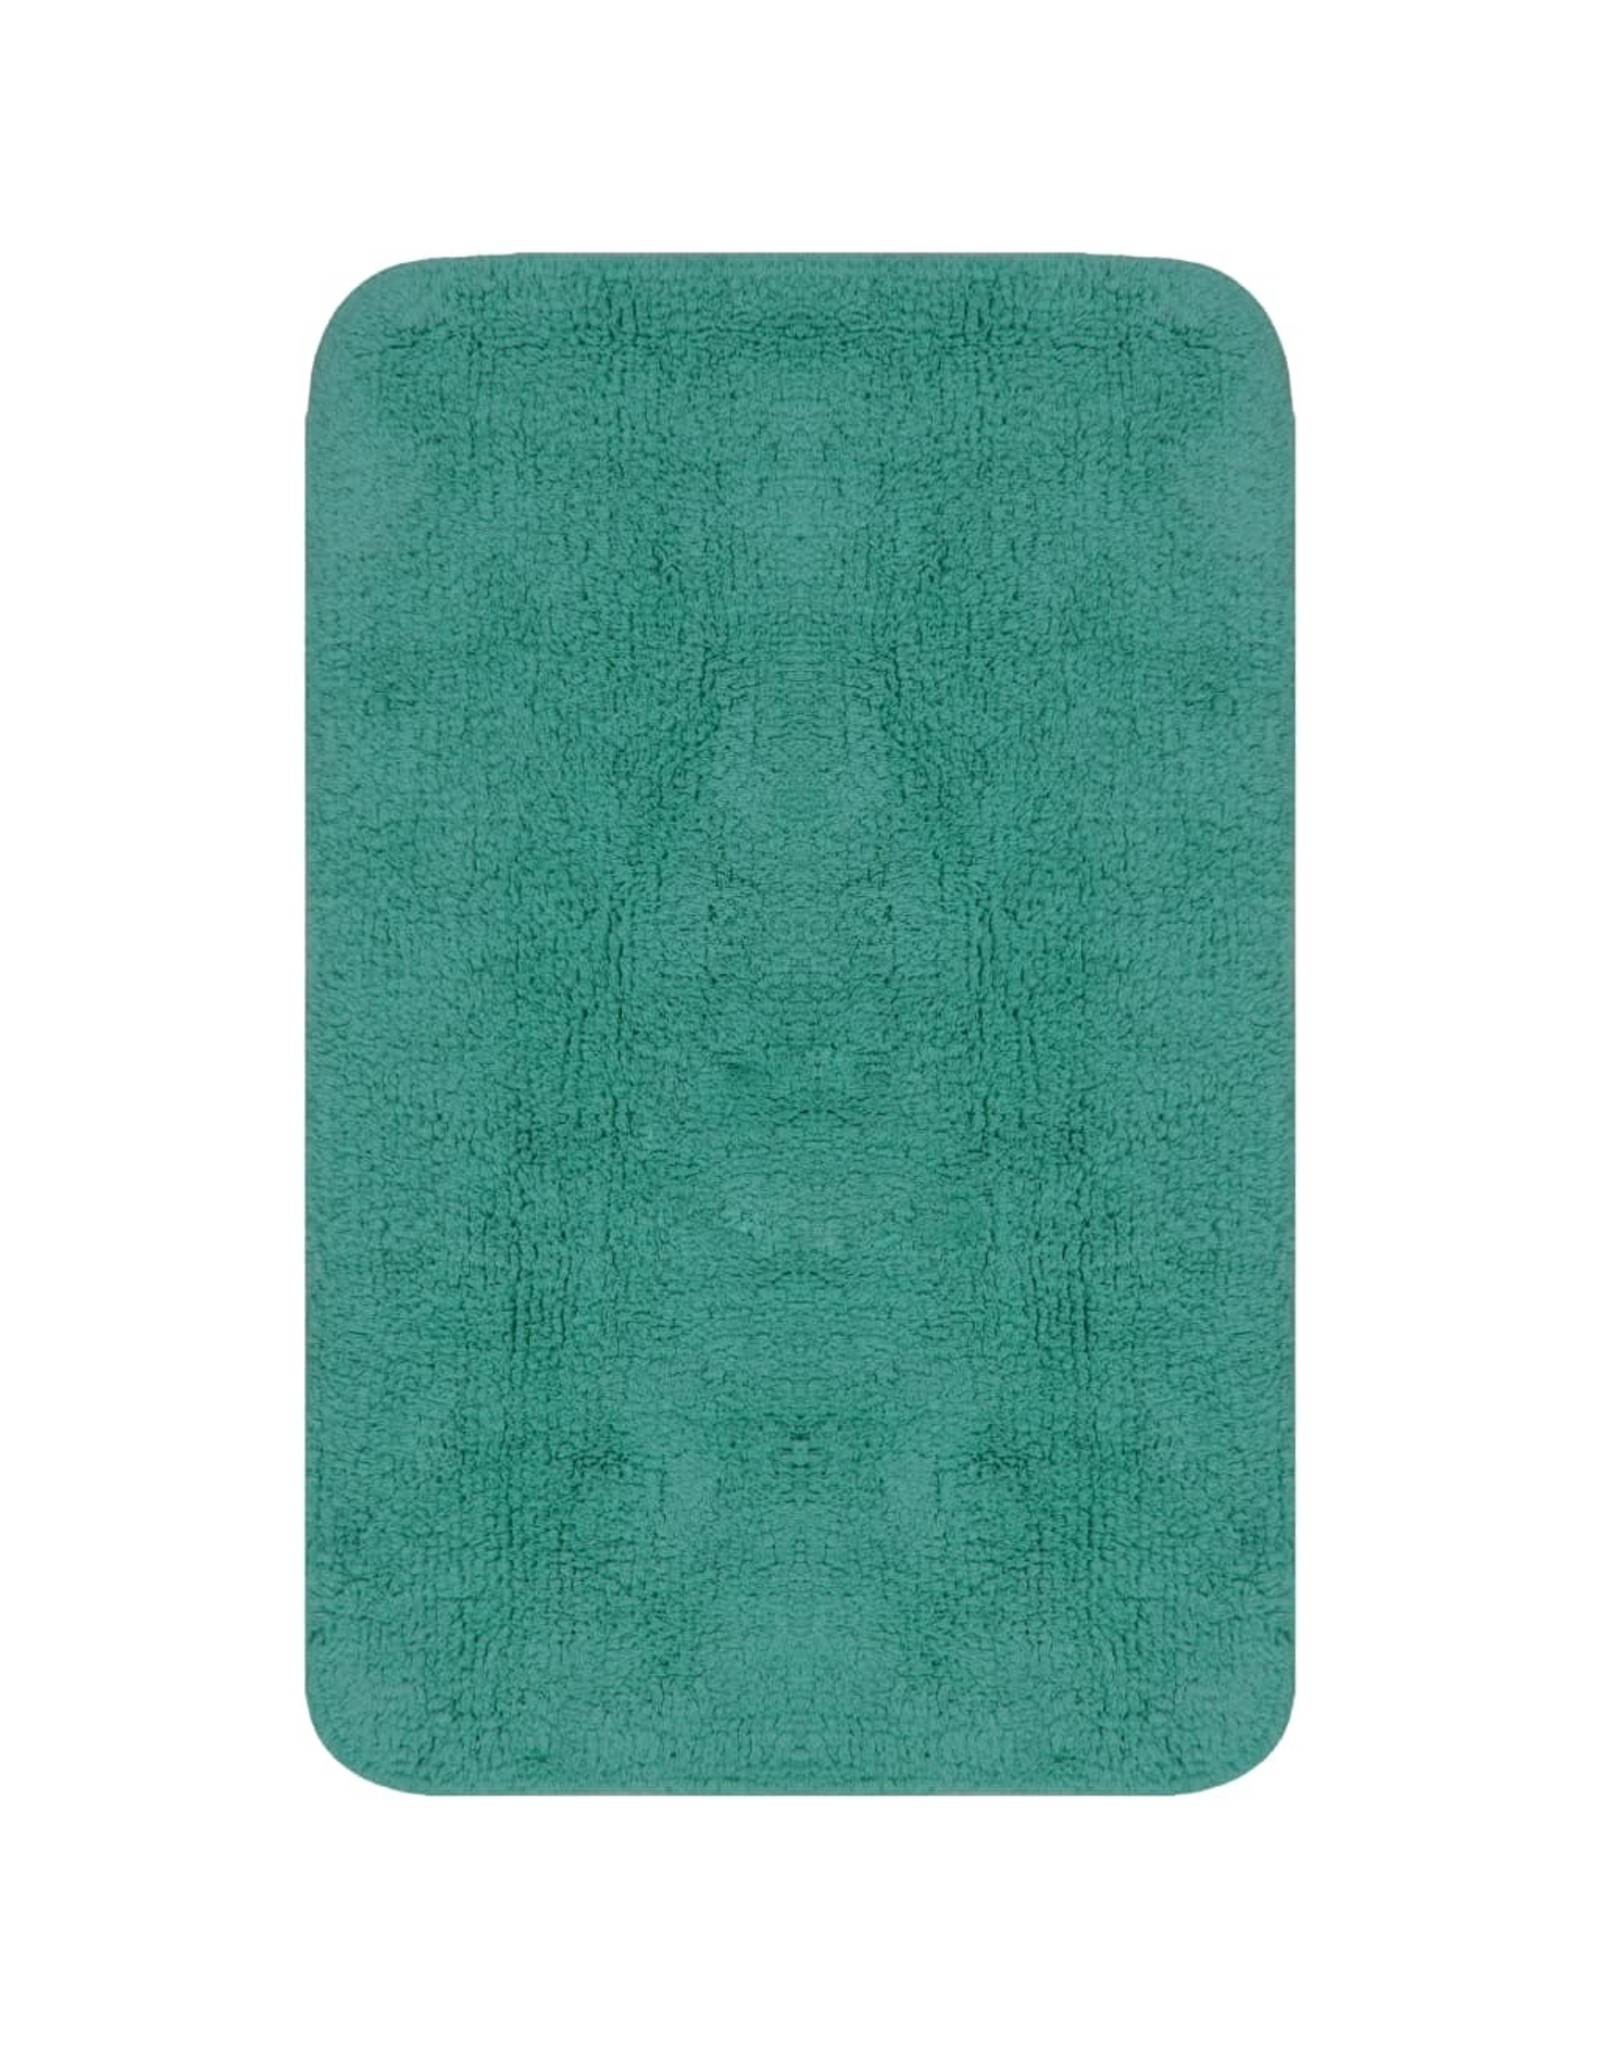 Badmattenset stof turquoise 2-delig